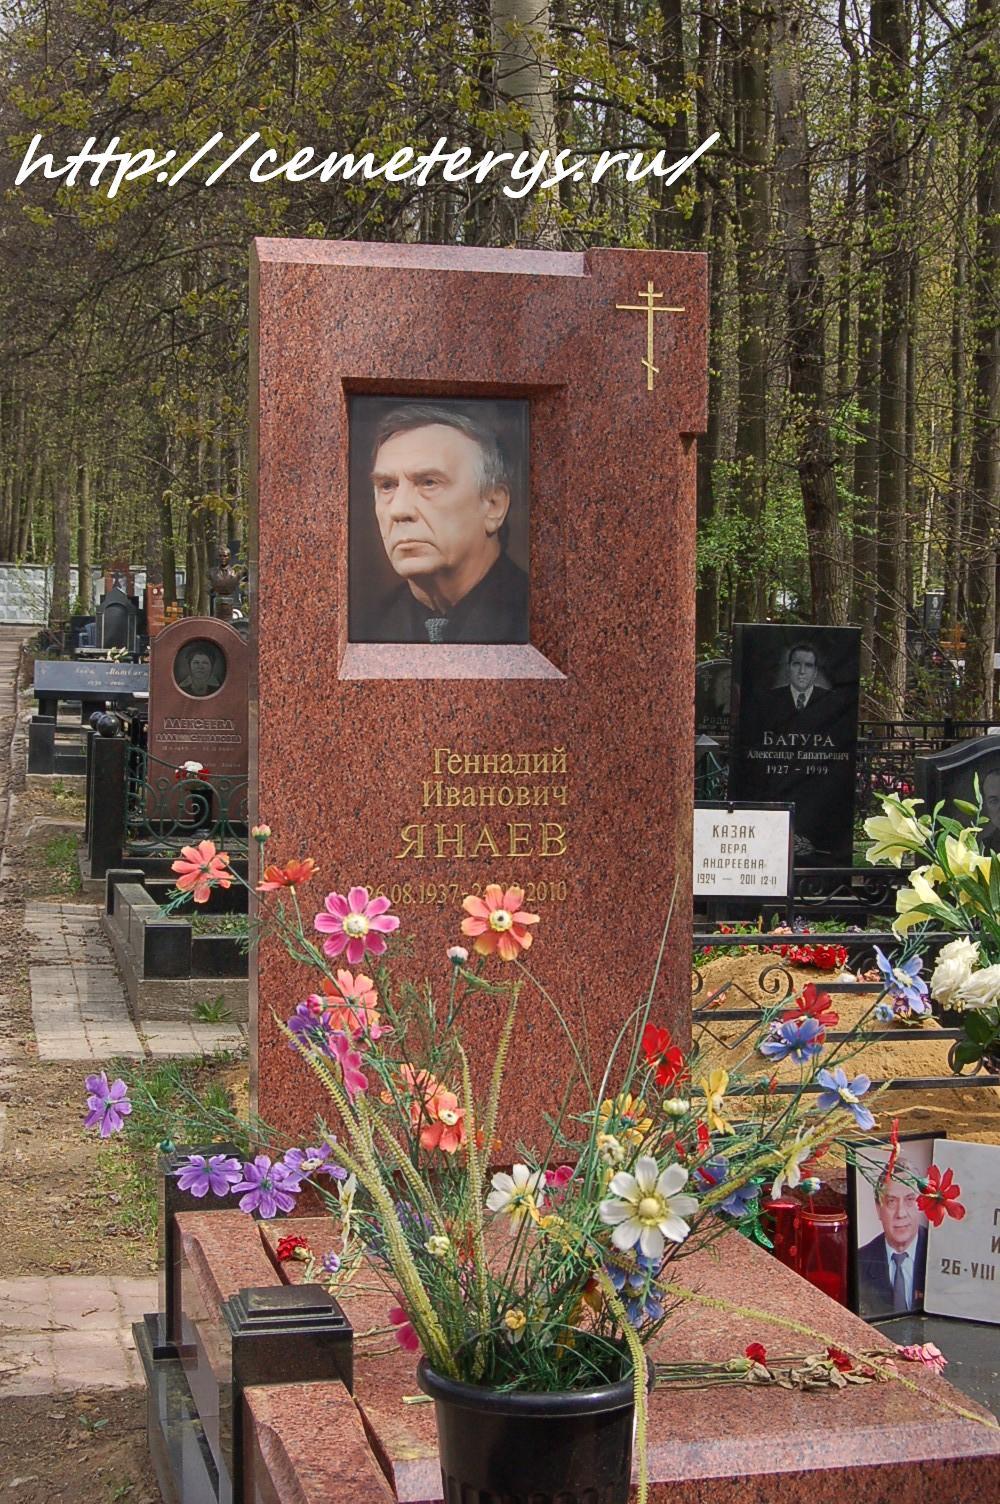 могила Геннадия Янаева на Троекуровском кладбище в Москве  (фото Дмитрия Кондратьева)